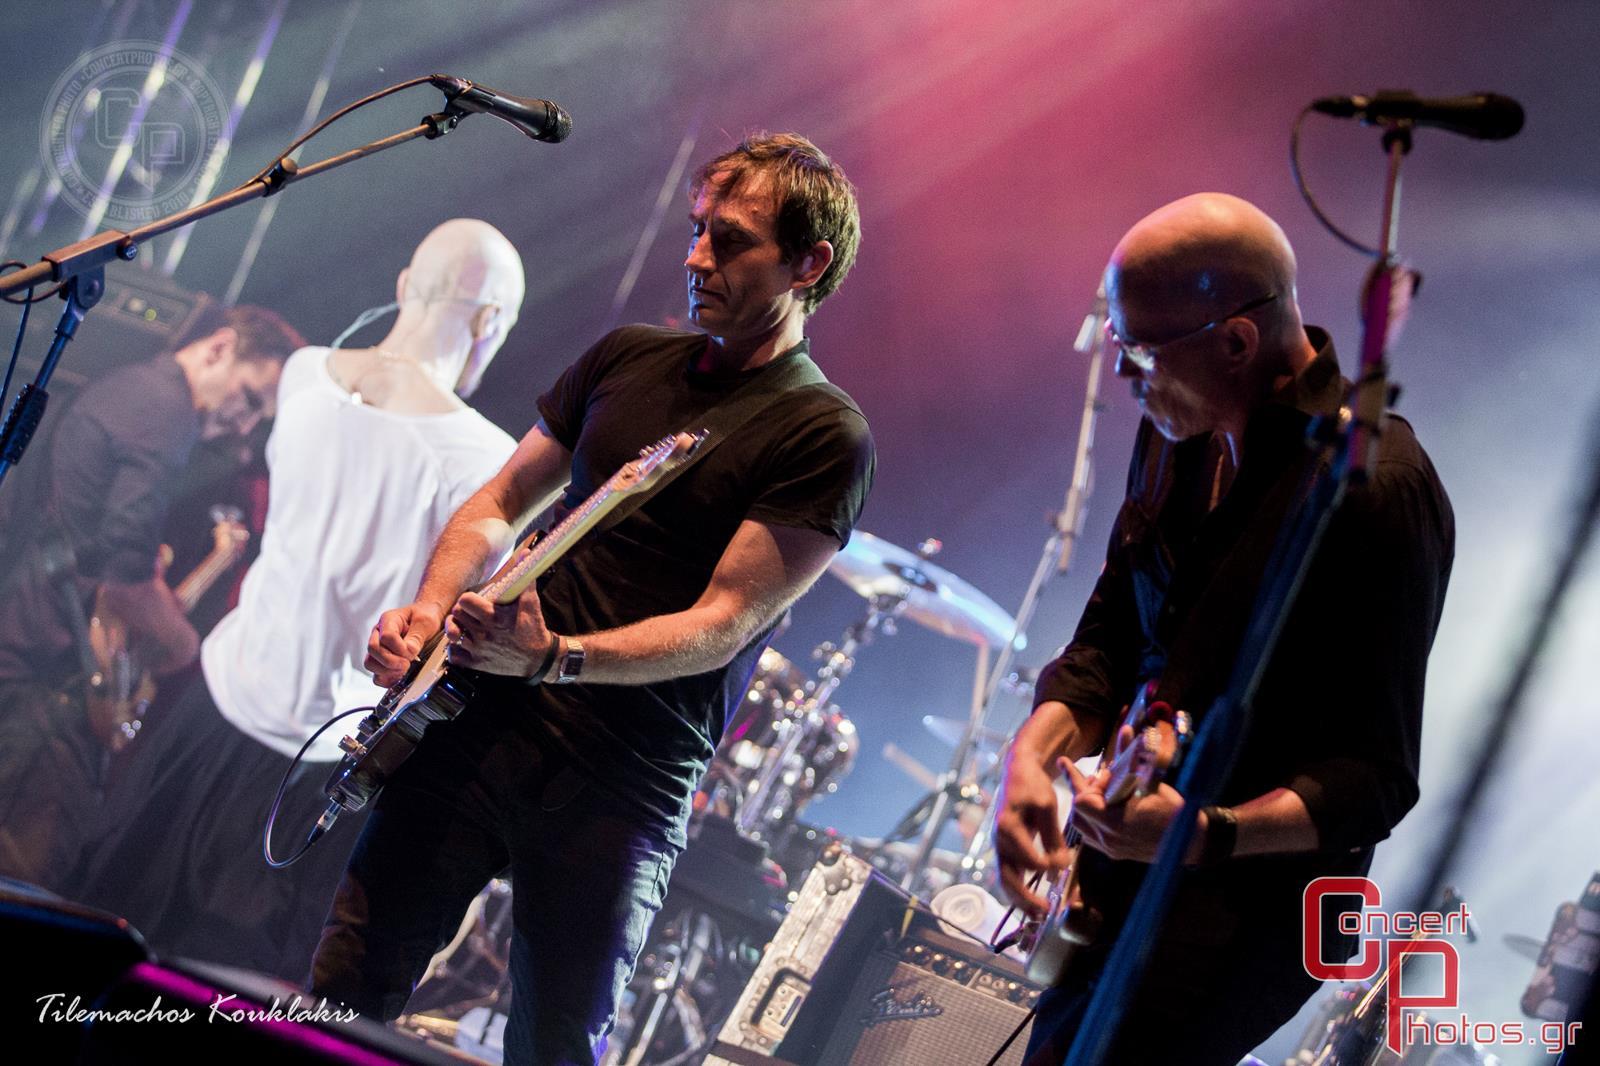 James & Moan-James-Theatro Vrachon photographer:  - Rockwave-2014-38